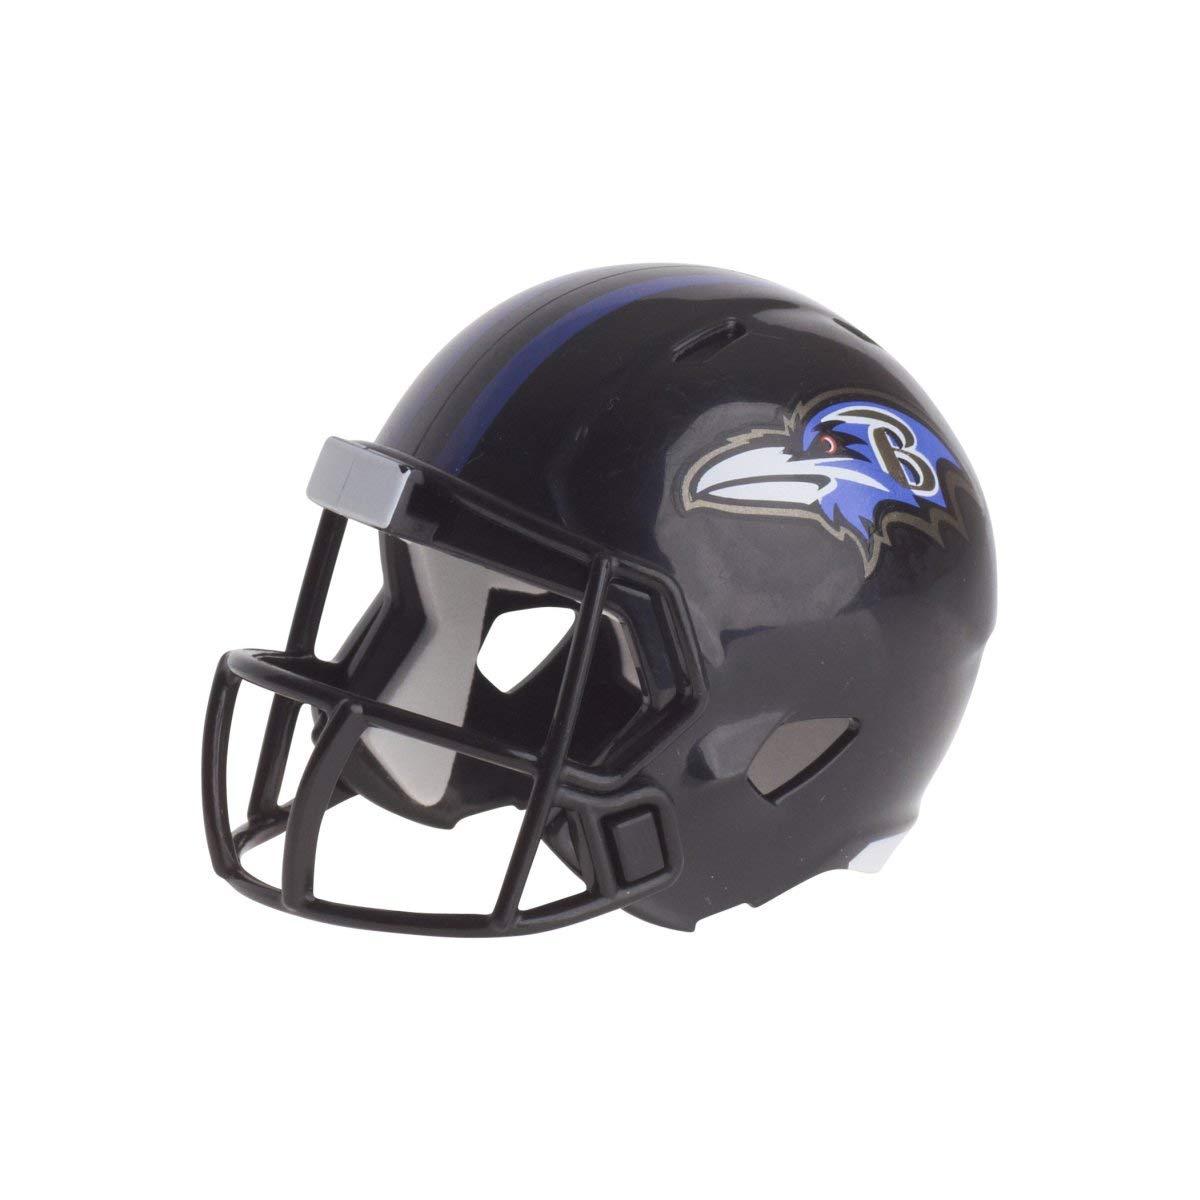 Riddell Mini-Footballhelm, NFL-Design: Baltimore Ravens, Taschengröße Taschengröße 095855320496